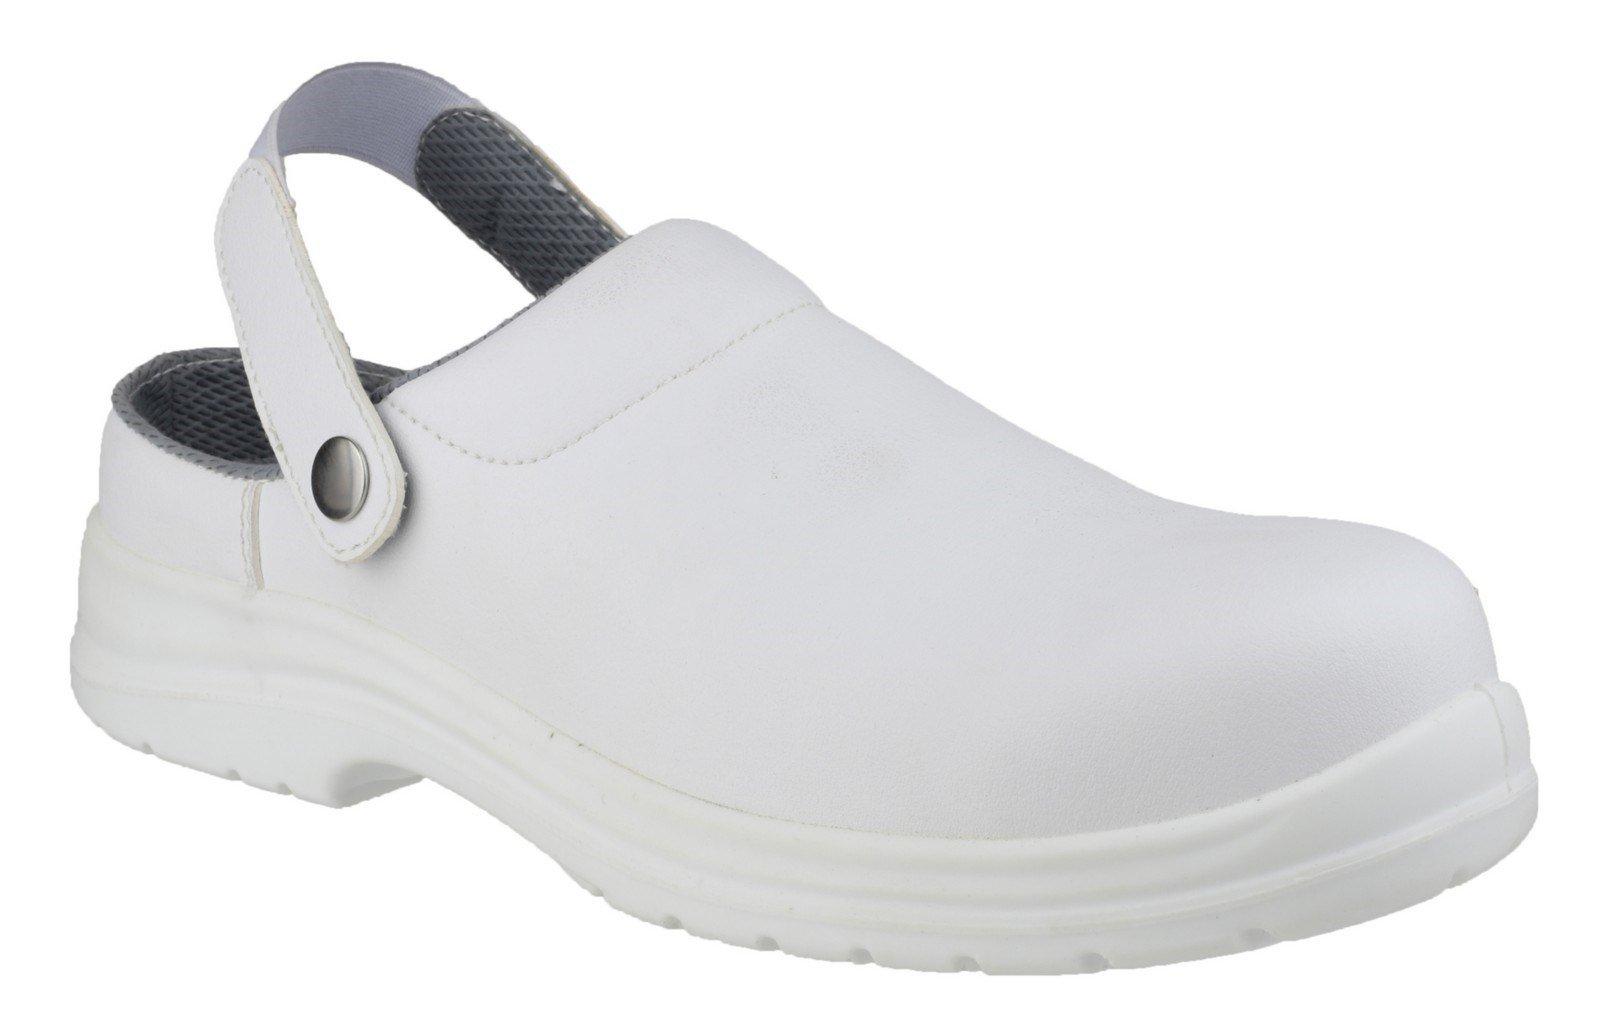 Amblers Unisex Safety Antistatic Slip on Clog Shoe White 21894 - White 3